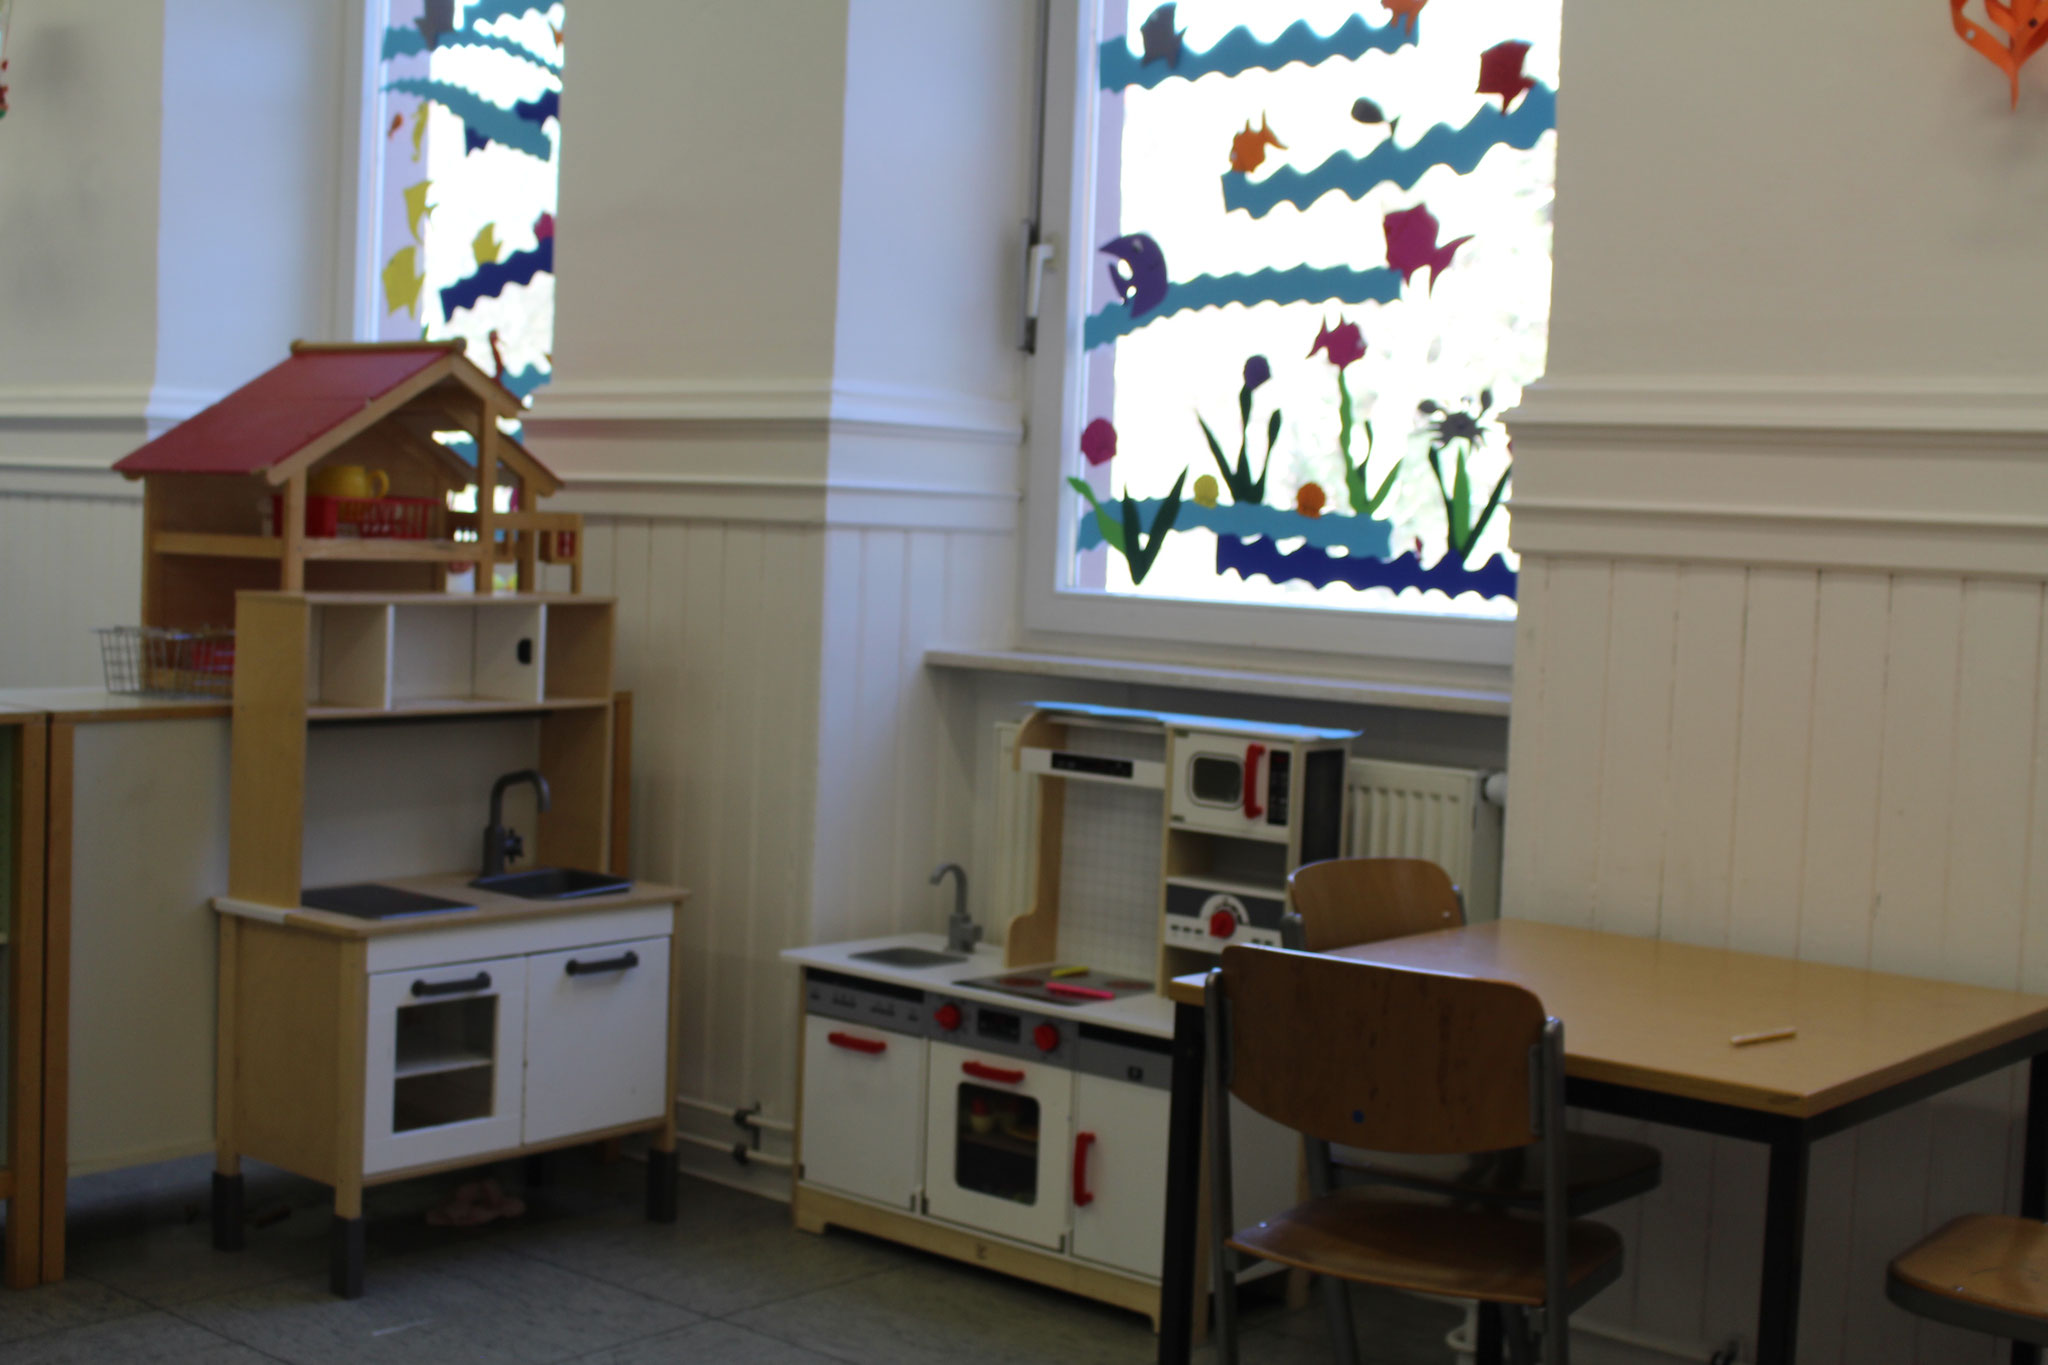 Hier ist die Kinderküche.Kinder spielen hier sehr gerne.Fotografen:LUKAS,LEANDROS